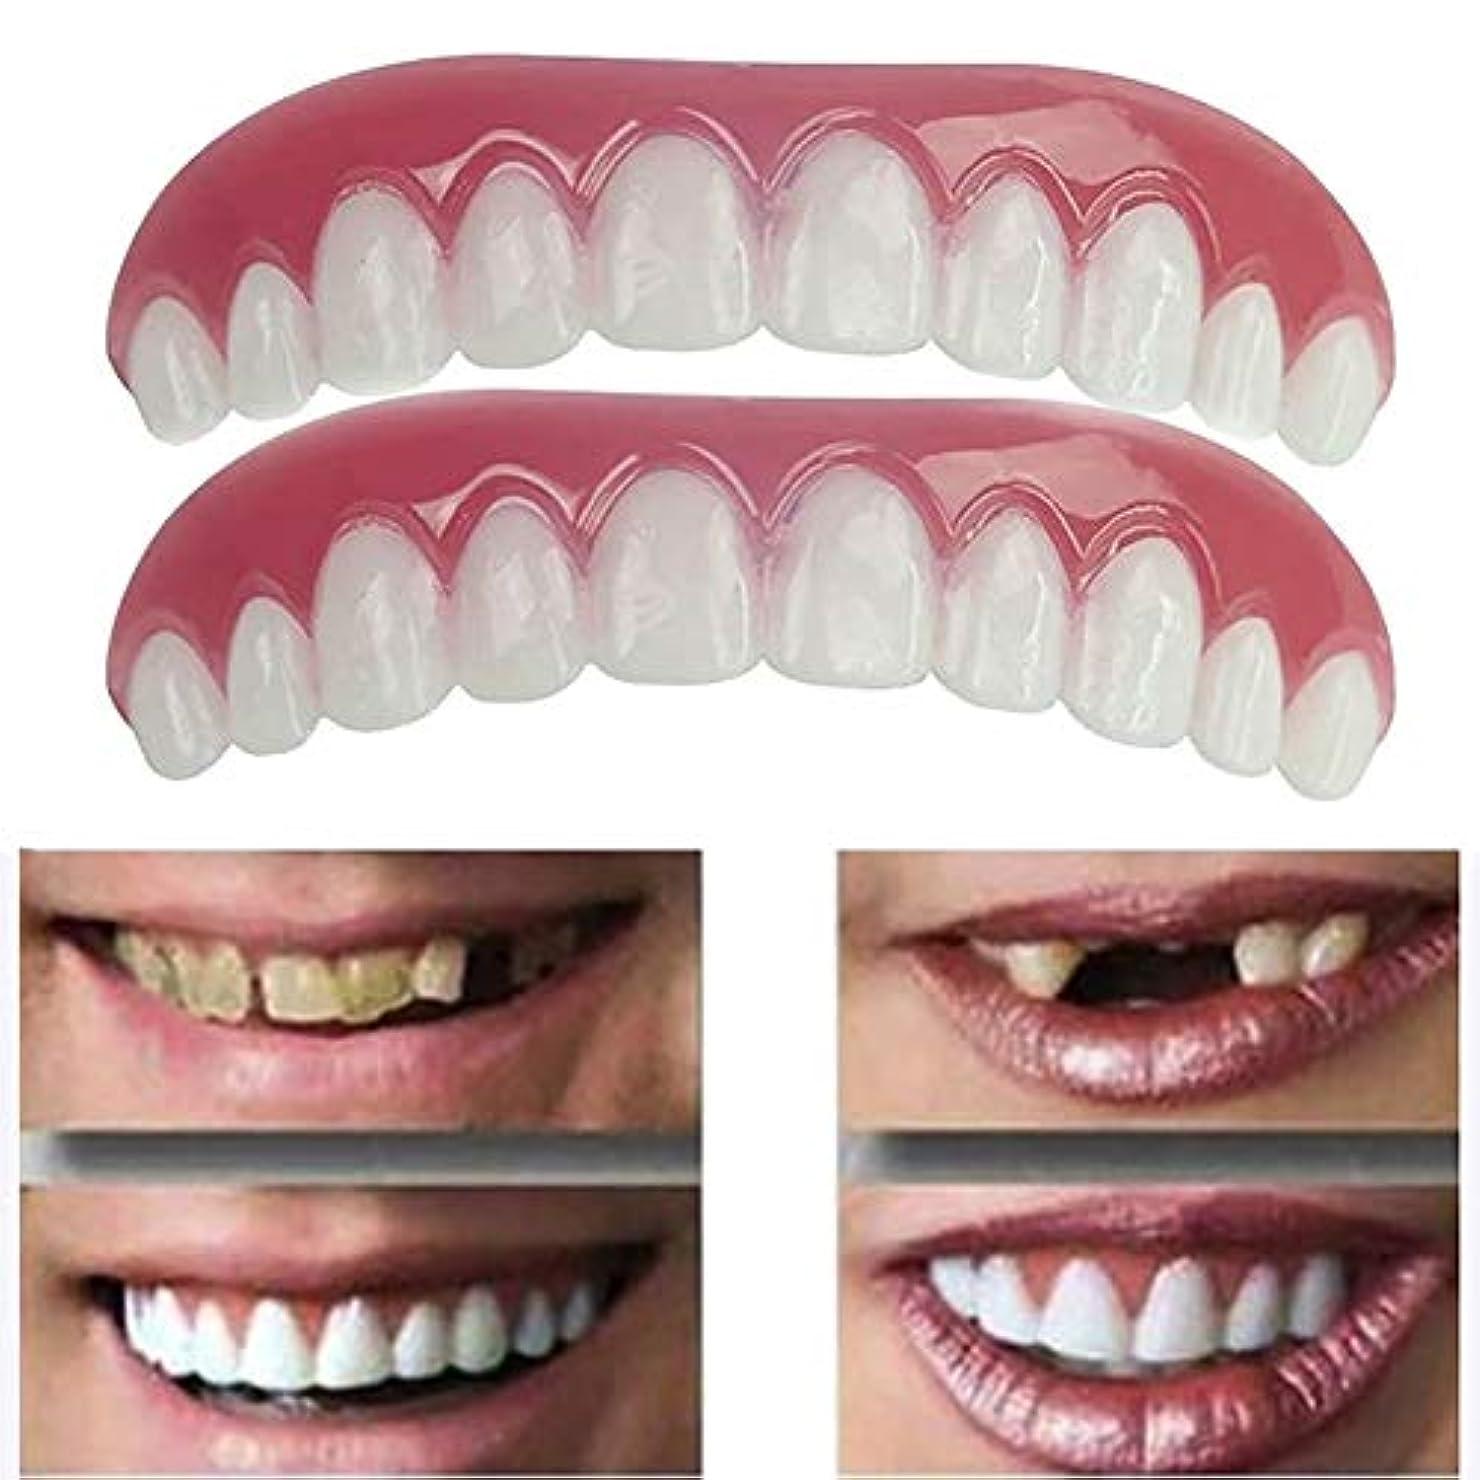 もう一度スポークスマン十5ペア偽の歯上偽の歯のカバー安全なインスタント笑顔化粧品ノベルティ歯 - ワンサイズ最もフィット